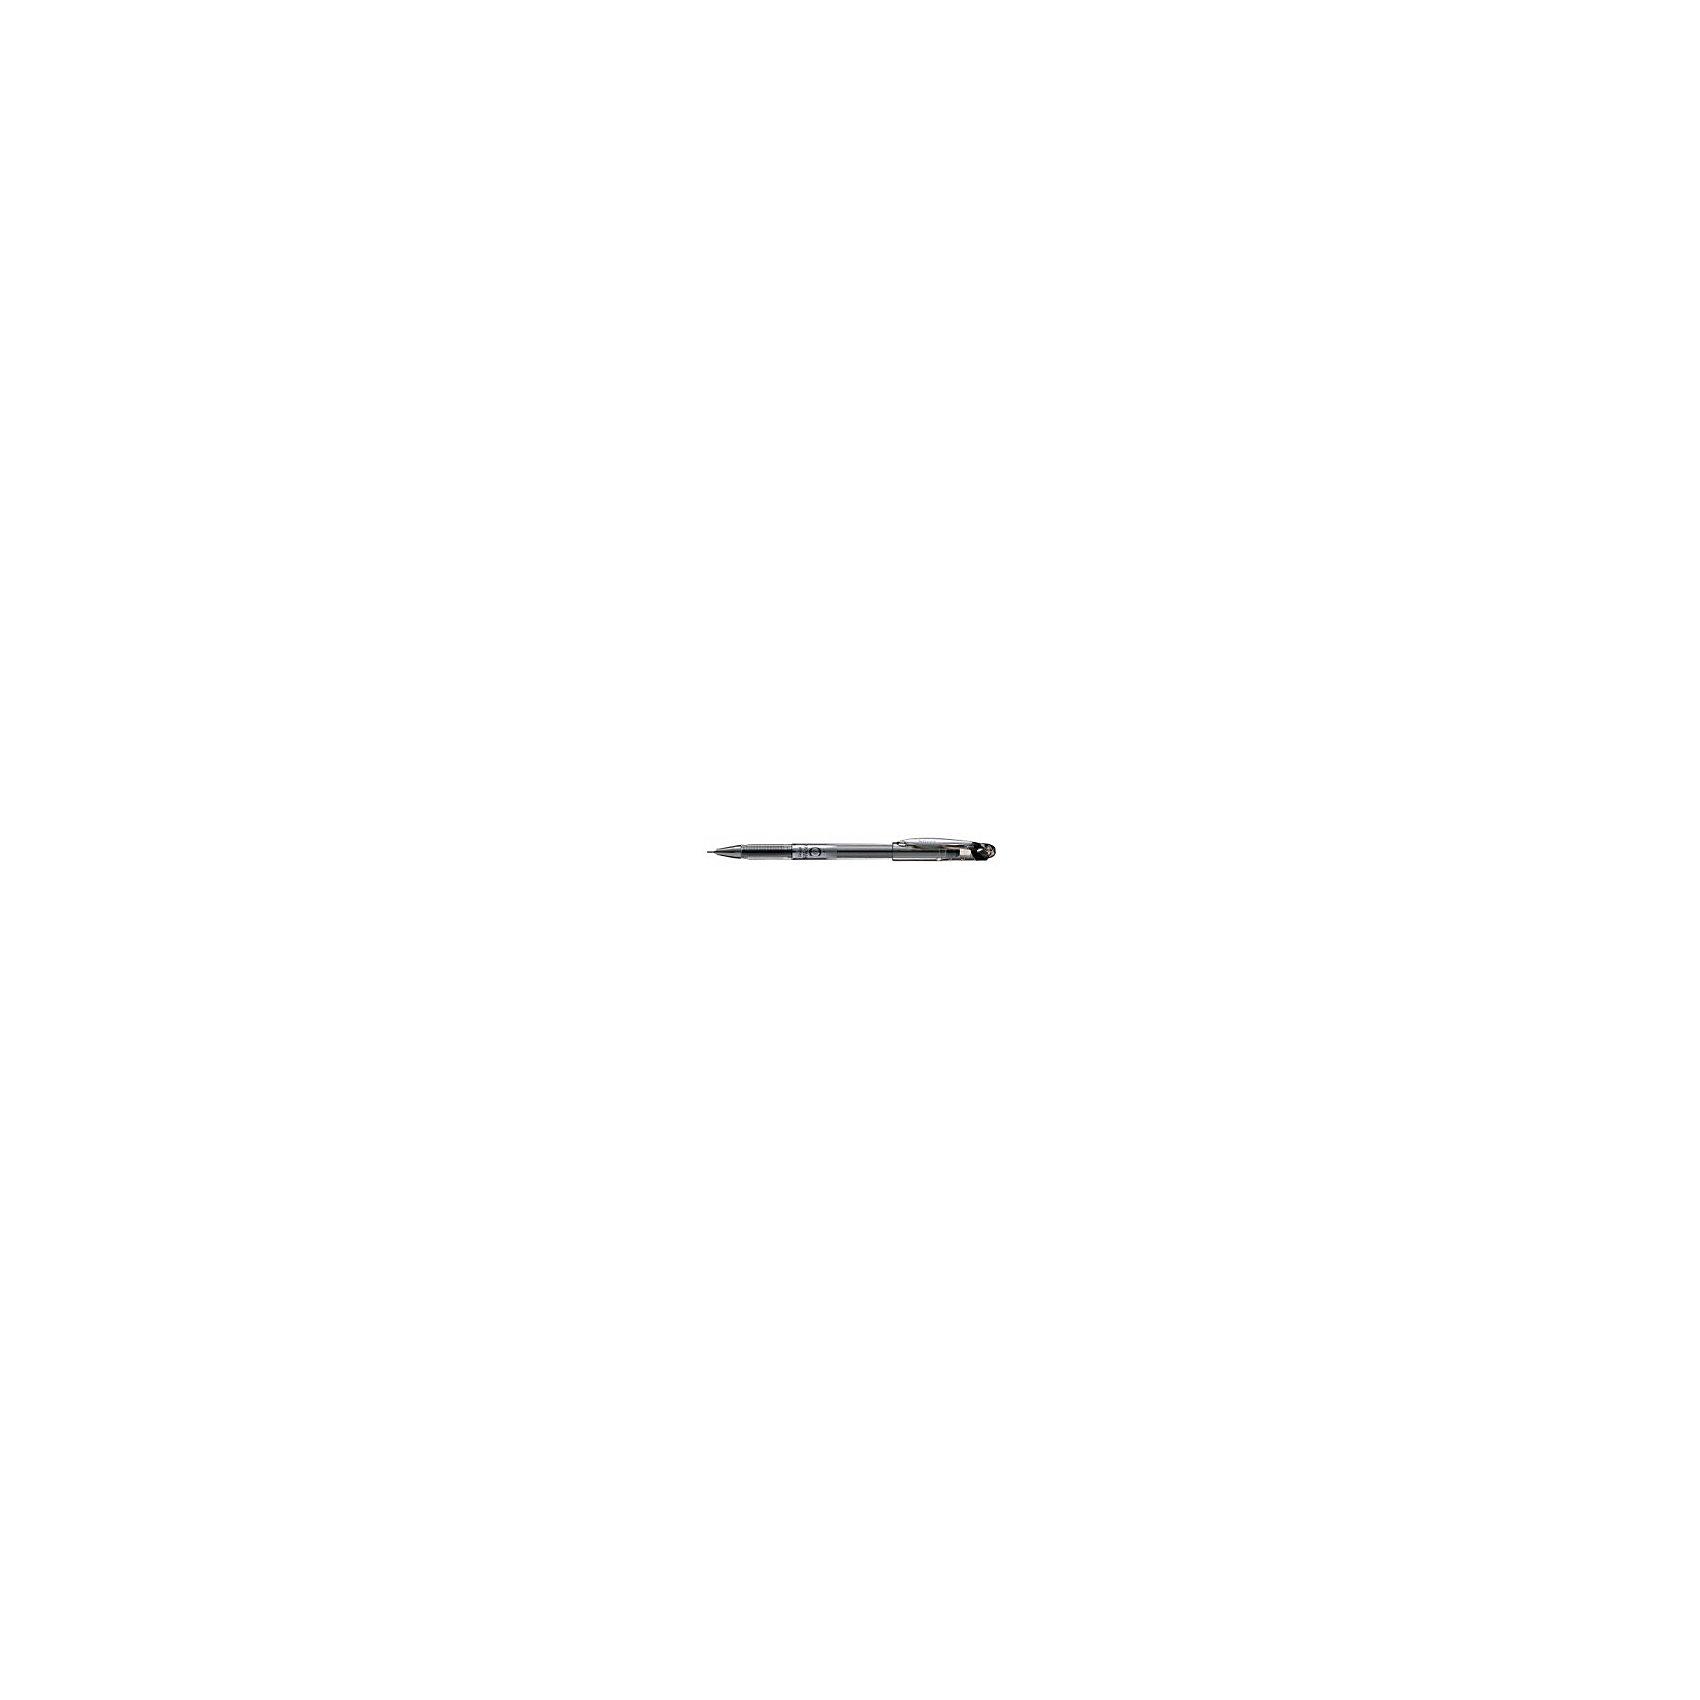 Ручка гелевая SLICCI, черная 0,7мм игловидный пишущий узел PentelПисьменные принадлежности<br>Характеристики:<br><br>• возраст: от 6 лет<br>• толщина линии: 0,25 мм.<br>• диаметр шарика: 0,7 мм.<br>• длина ручки: 15 см.<br>• цвет чернил: черный<br>• материал корпуса: пластик<br><br>Гелевая ручка «Slicci» идеальна для офиса, школы и института, улучшает эстетику заметок, помогает выделить основные материалы. Эта ручка также подходит для декорирования и украшения открыток, приглашений и писем.<br><br>Ручка «Slicci» имеет игловидный пишущий узел с диаметром шарика 0,7 мм, при этом на бумаге остается тончайшая линия шириной всего 0,25 мм. Чернила не блекнут, не выцветают, не растекаются и быстро сохнут.<br><br>Простой и прозрачный корпус придает ручке «Slicci» элегантность, а металлическая зона захвата делает ее еще и очень удобной в применении.<br><br>Гелевая ручка «Slicci» экологически безопасна, изготовлена на 87% из переработанных материалов.<br><br>Ручку гелевую SLICCI, черную 0,7мм игловидный пишущий узел Pentel (Пентел) можно купить в нашем интернет-магазине.<br><br>Ширина мм: 9999<br>Глубина мм: 9999<br>Высота мм: 150<br>Вес г: 6<br>Возраст от месяцев: 72<br>Возраст до месяцев: 2147483647<br>Пол: Унисекс<br>Возраст: Детский<br>SKU: 7010428